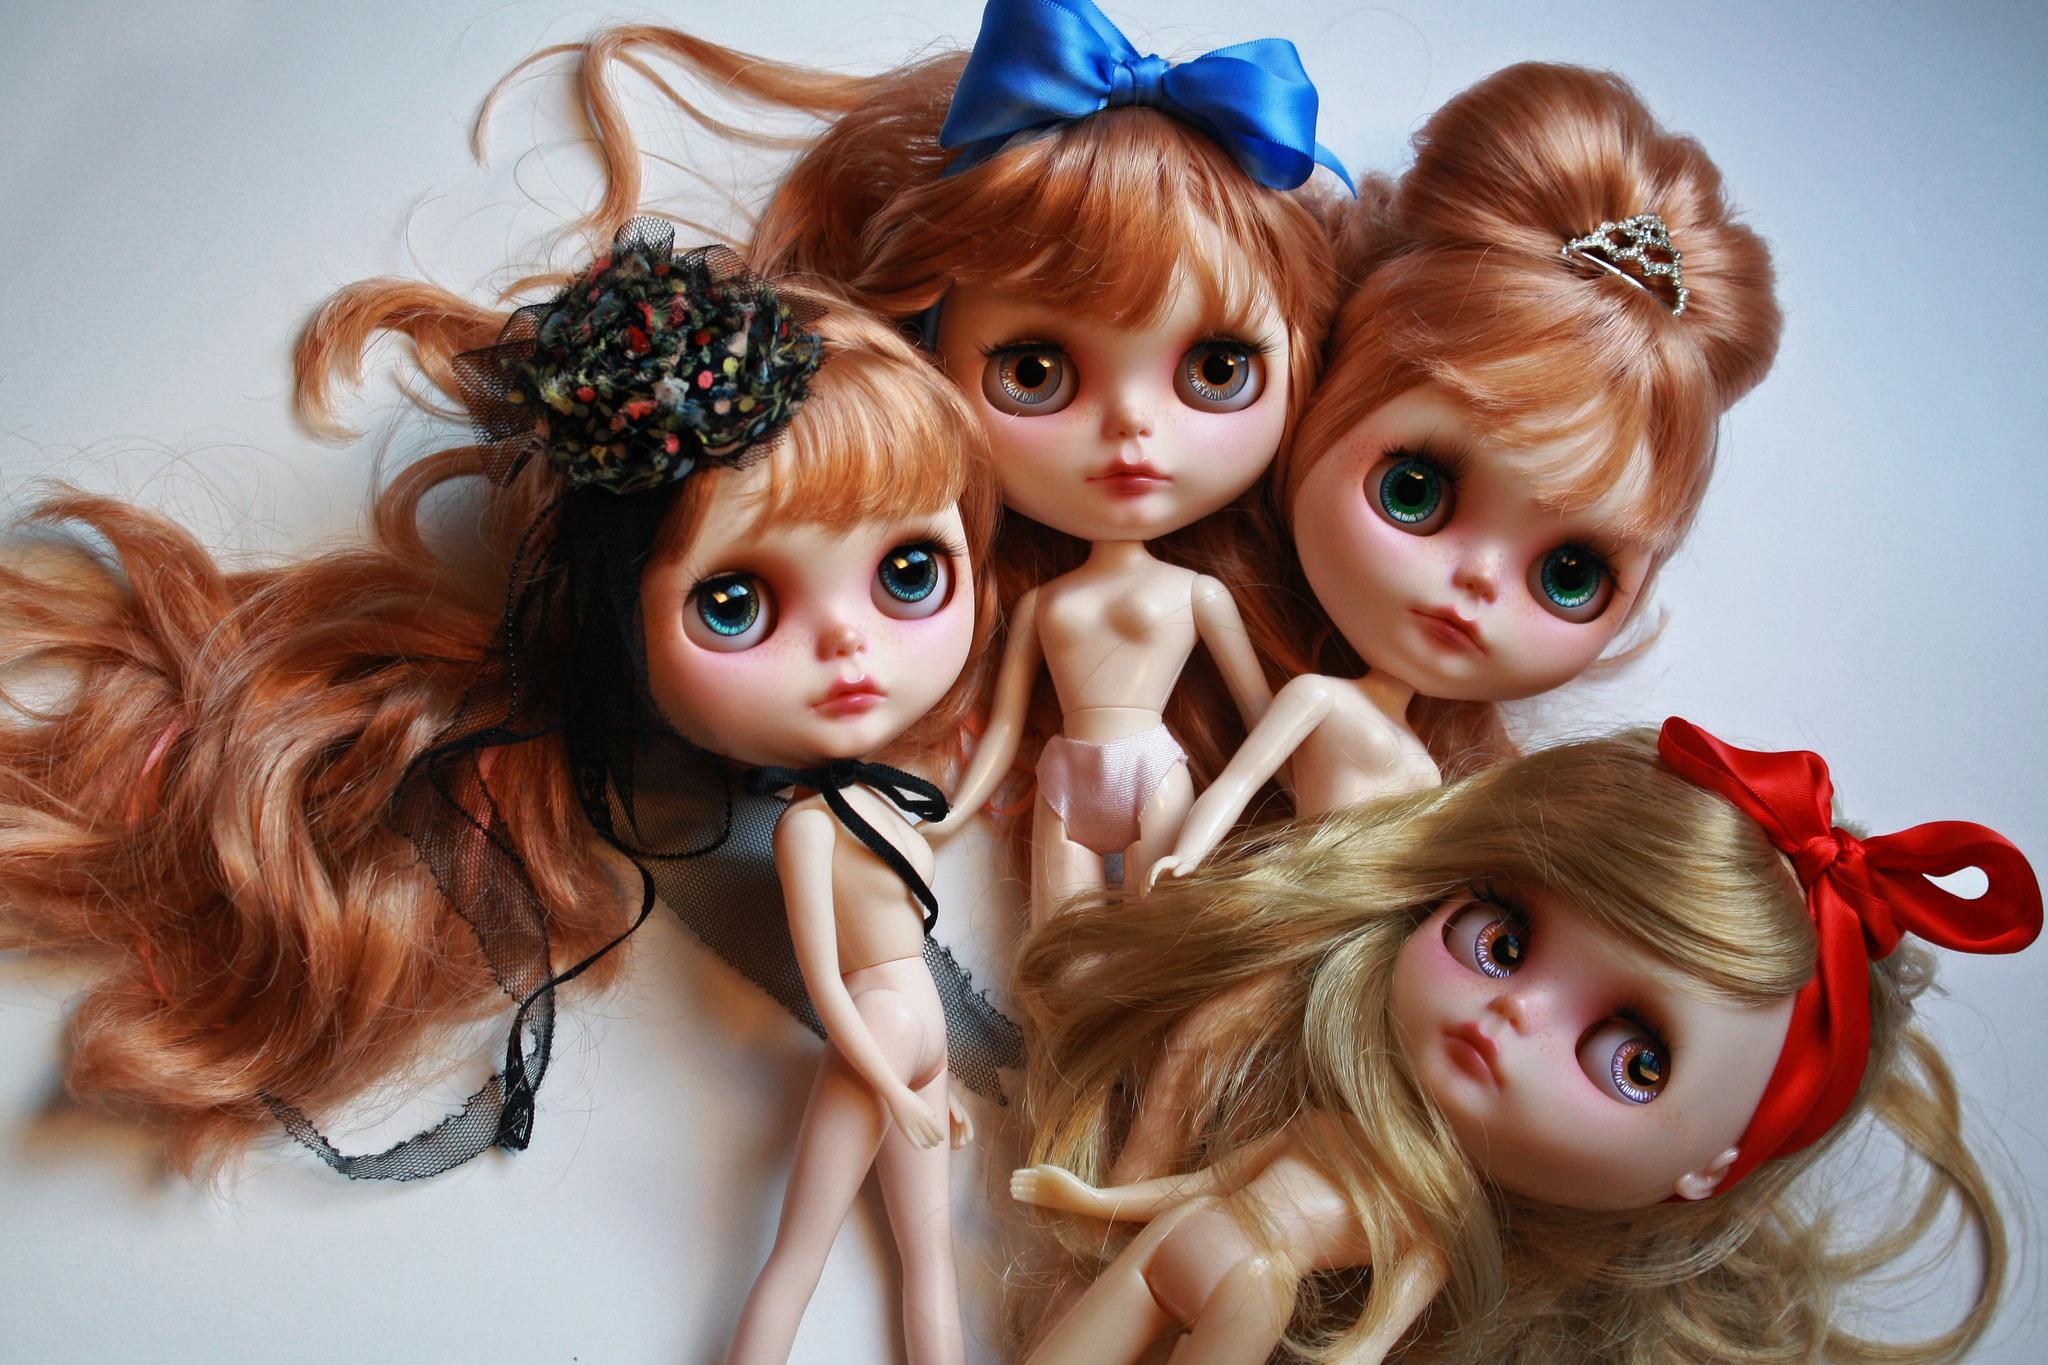 golden girls / blog post